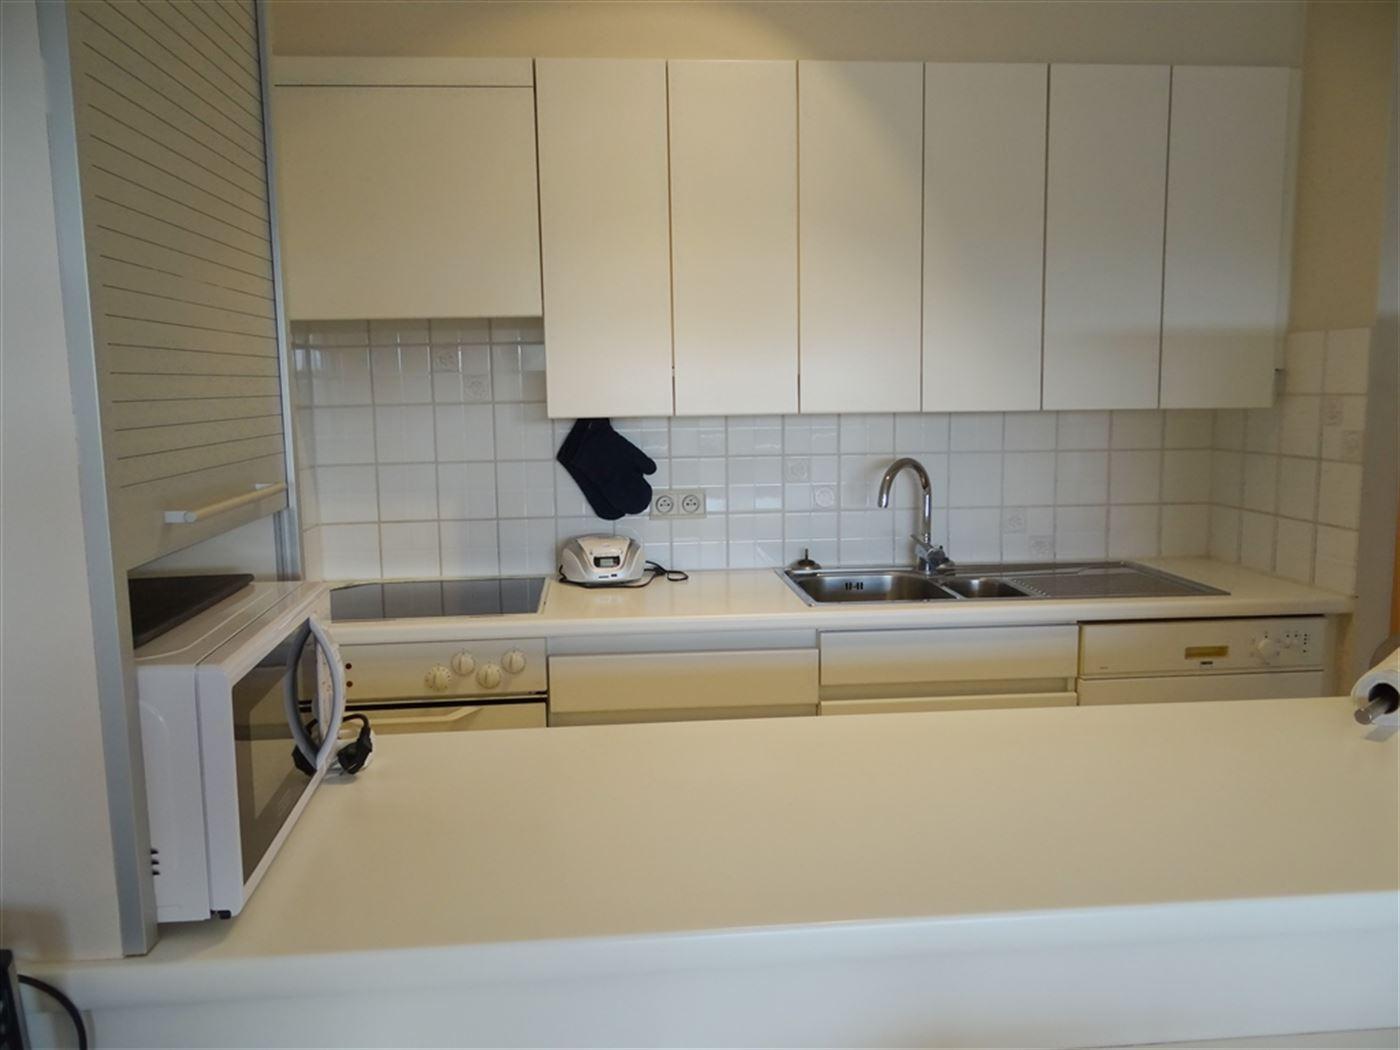 GEMEUBELD TE HUUR OP JAARBASIS - Zeer netjes appartement gelegen op de 4de verdieping - woonkamer met zonneterras - ingerichte open keuken met elektri...